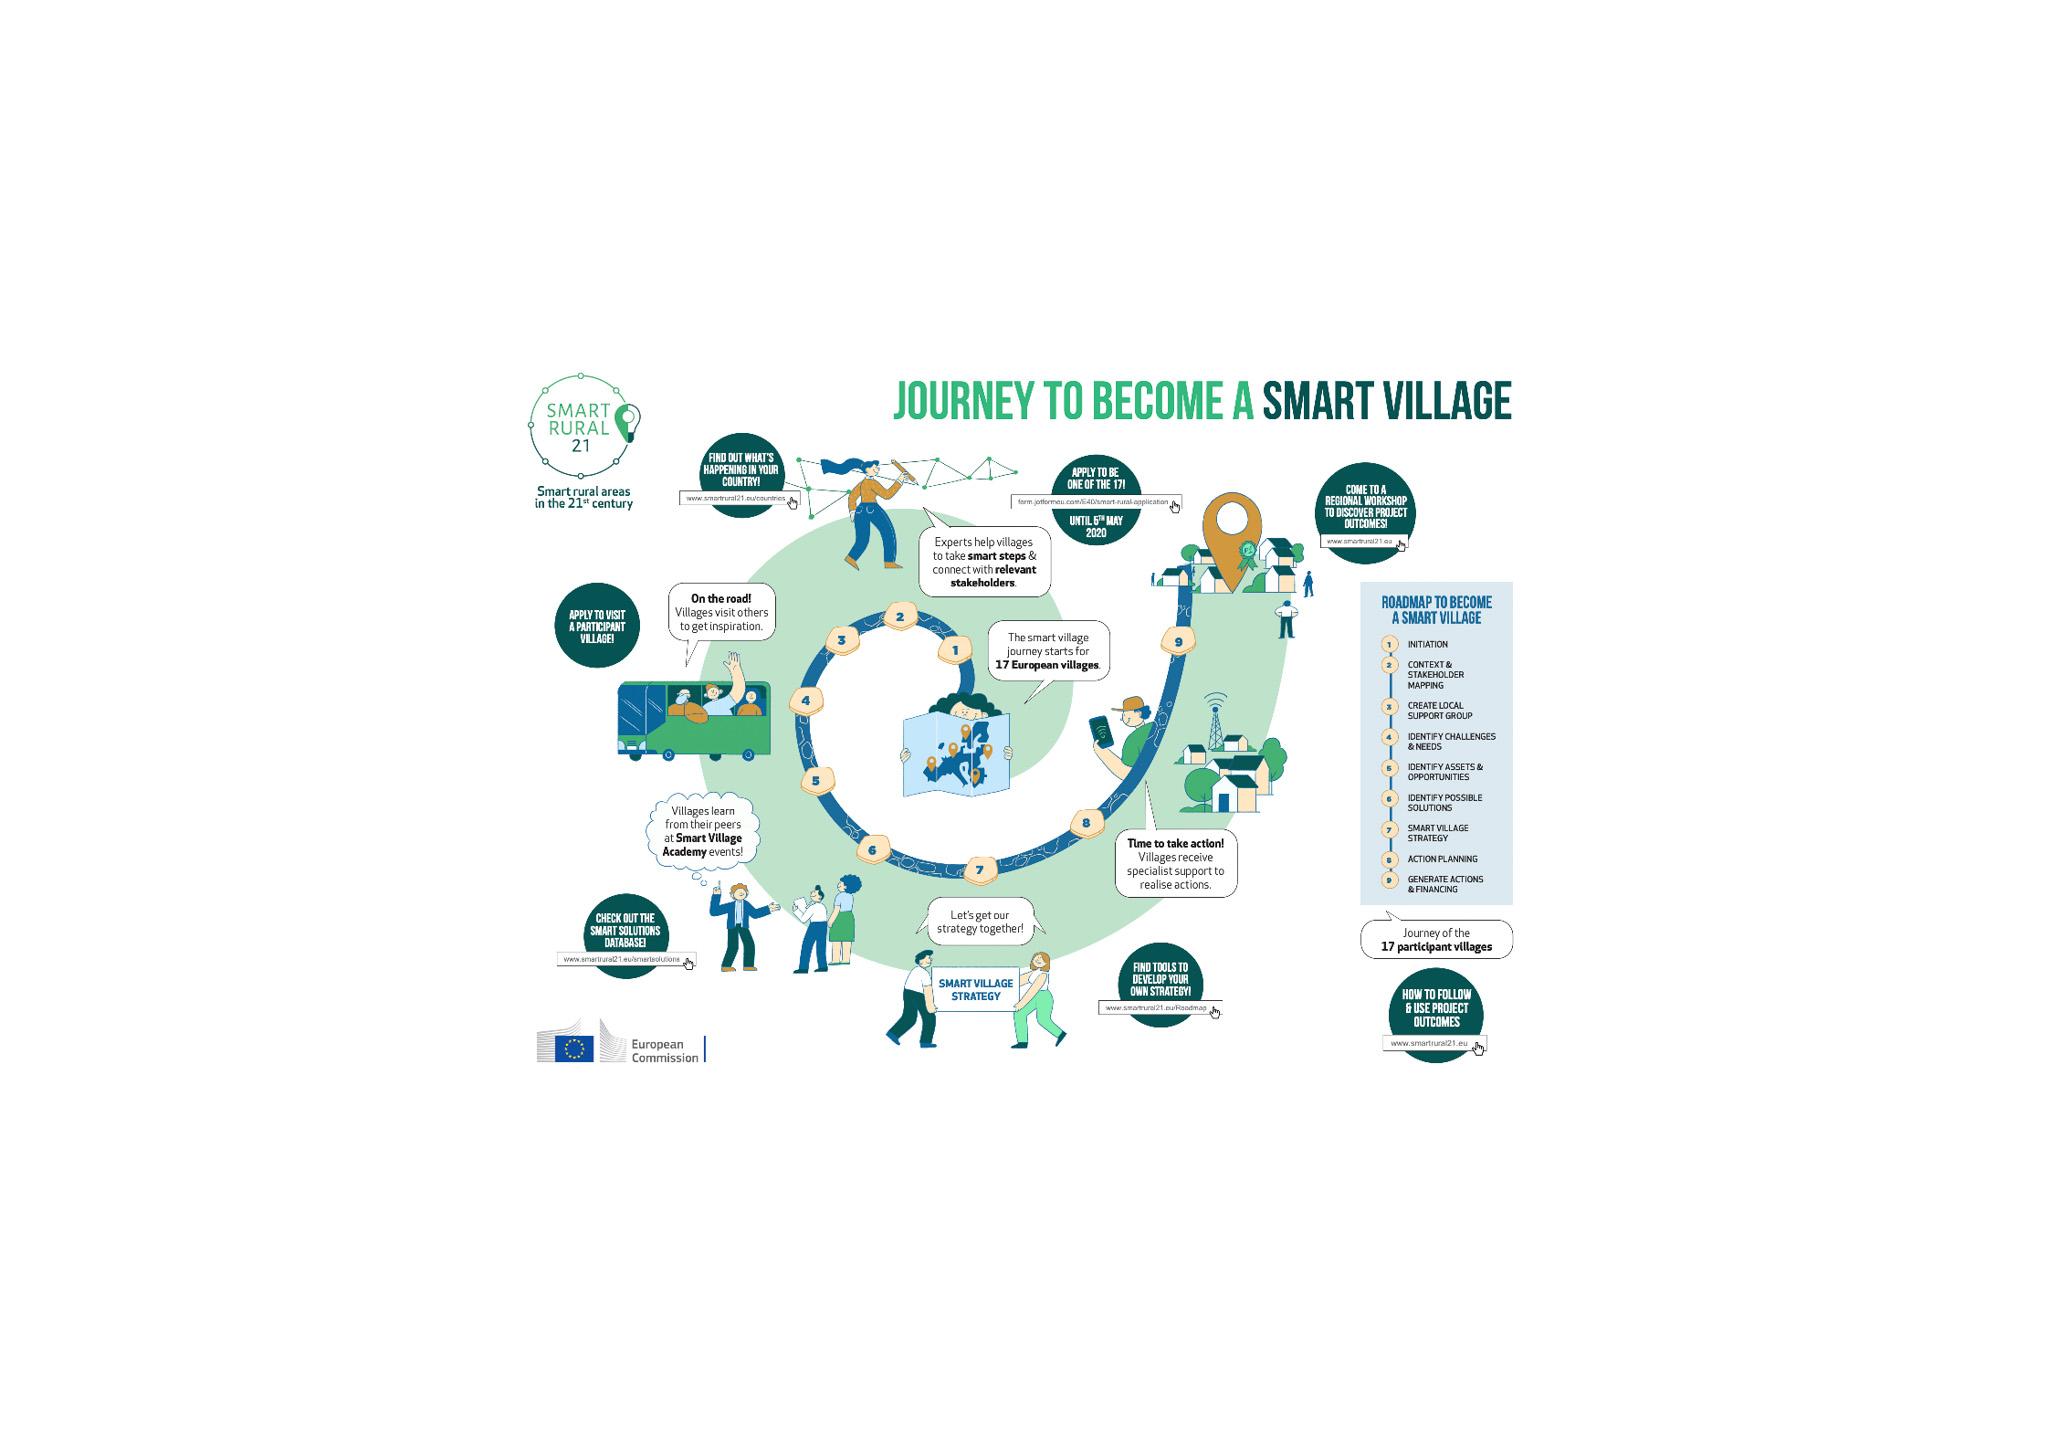 До 5 май се изпращат предложения по проект Smart Rural 21, който цели да насърчи малките селища в рамките на ЕС да разработват и прилагат интелигентни подходи и стратегии за развитие